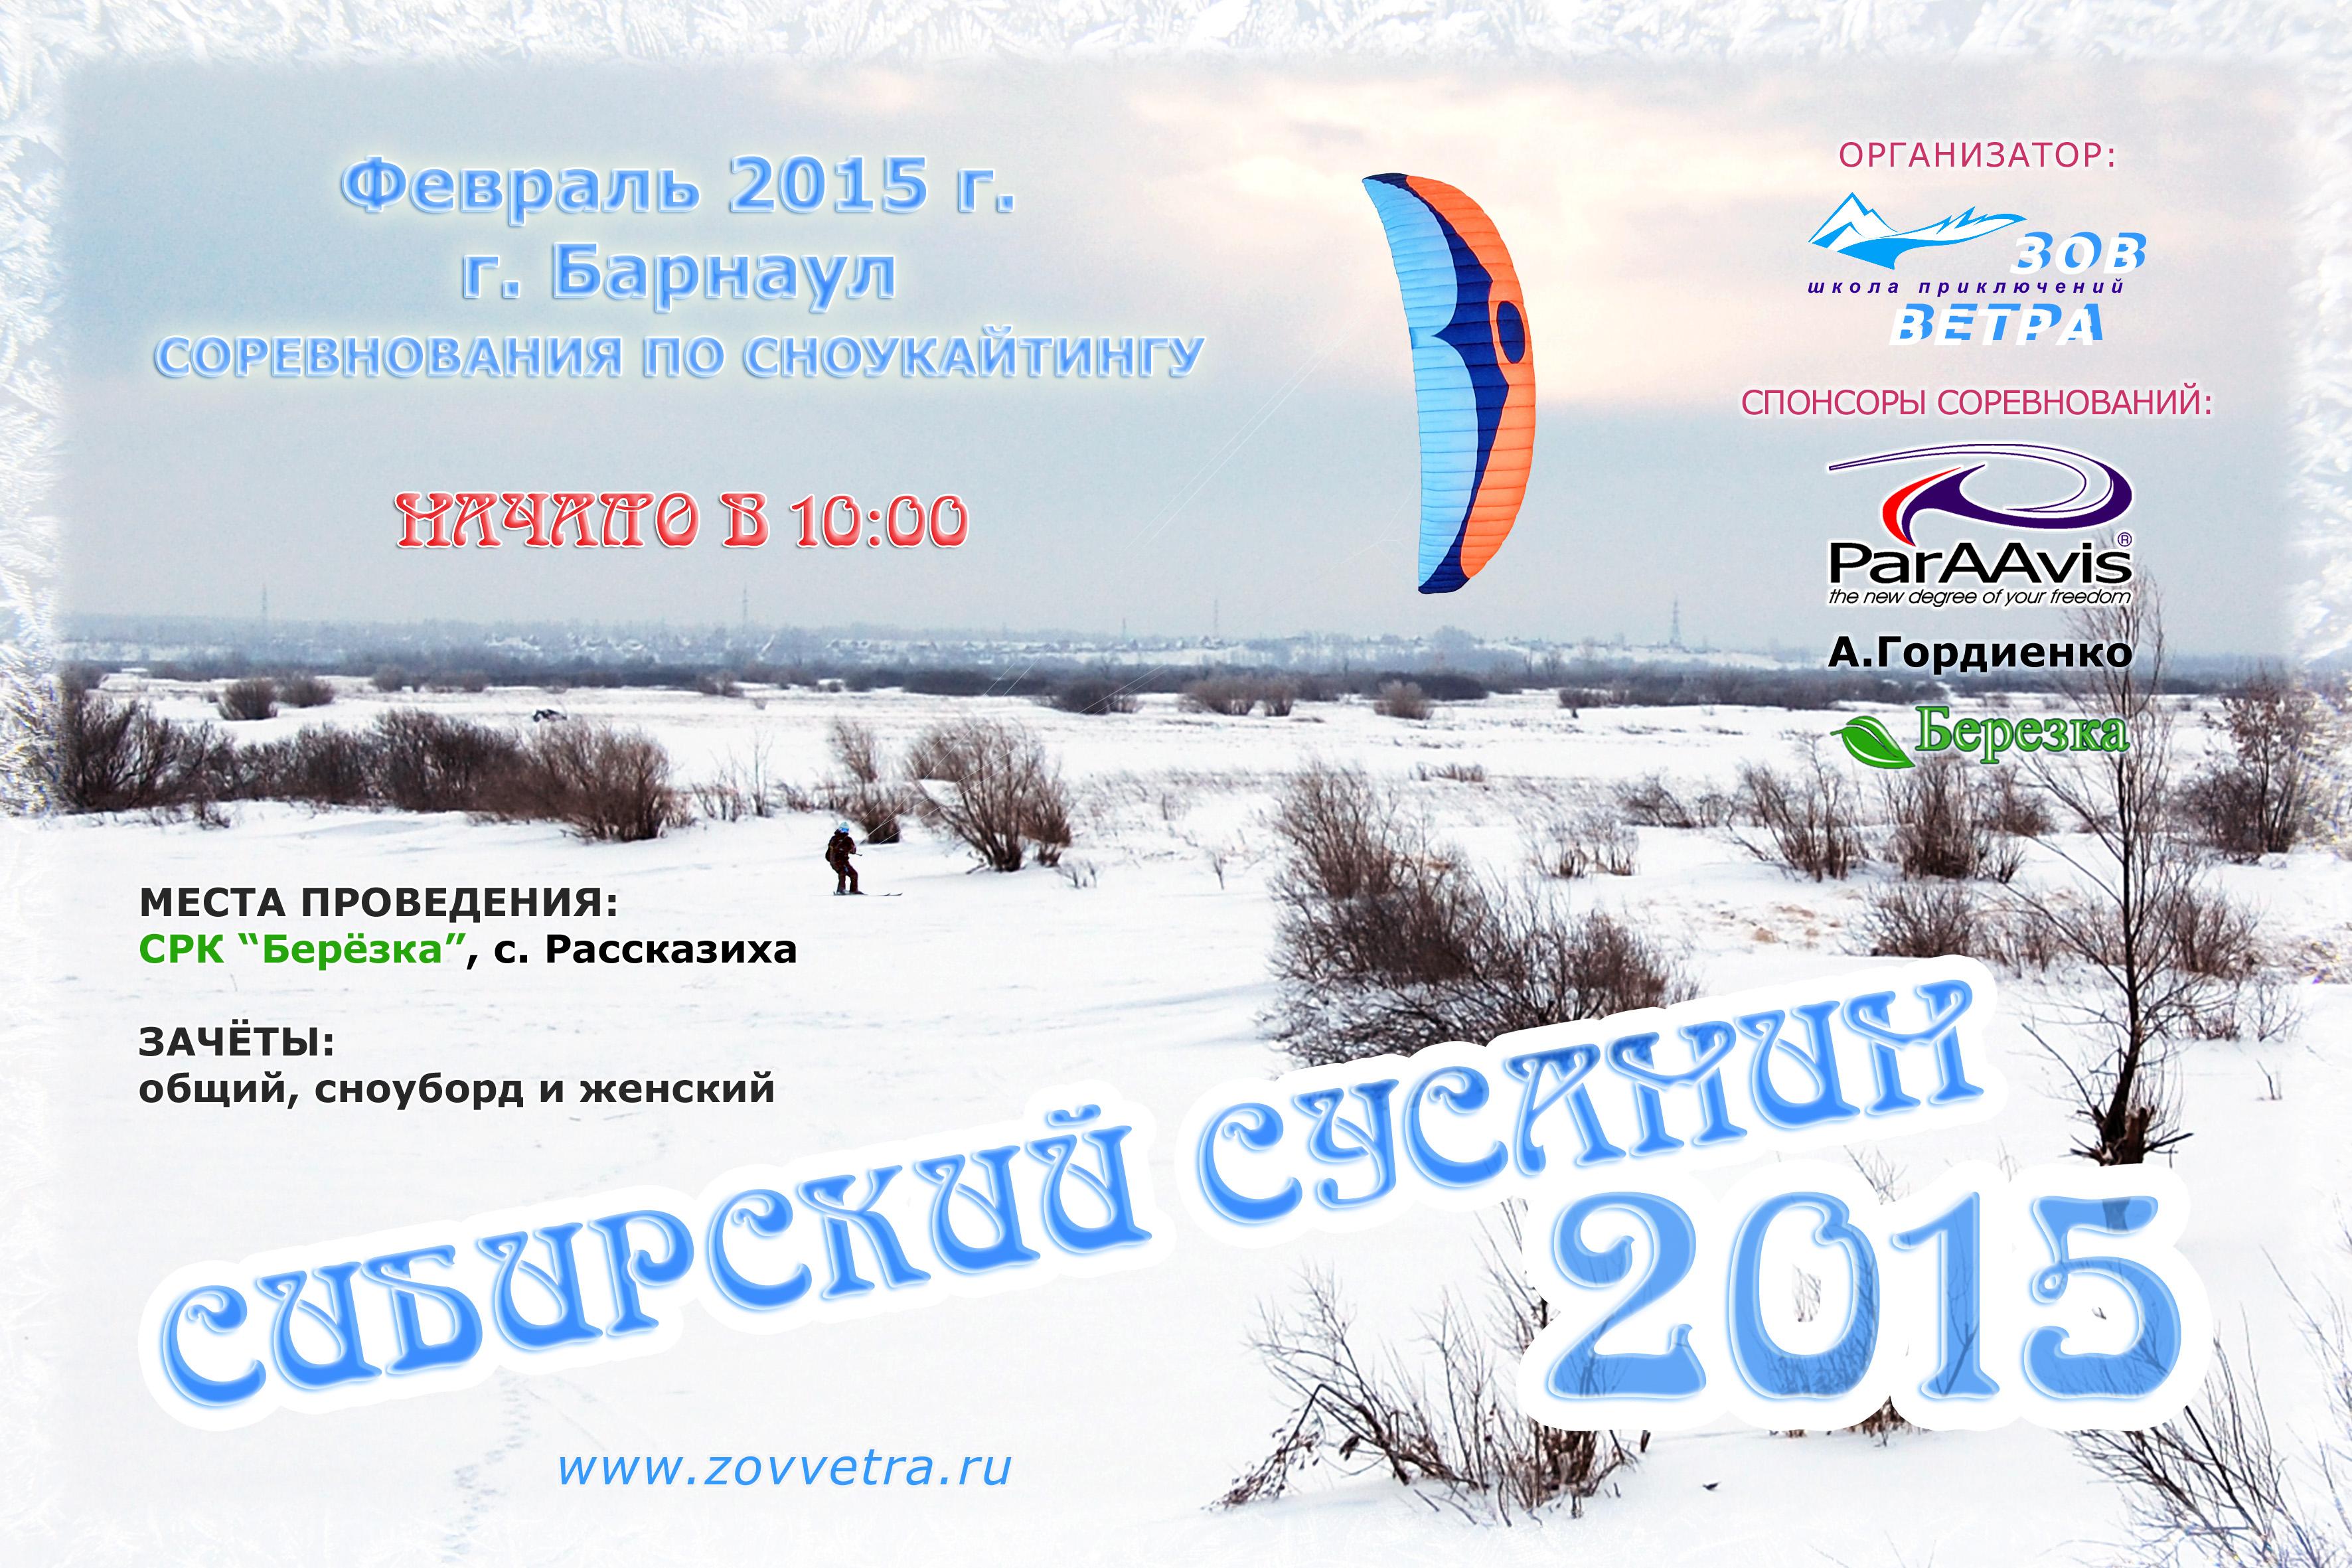 Сибирский Сусанин 2015_2f